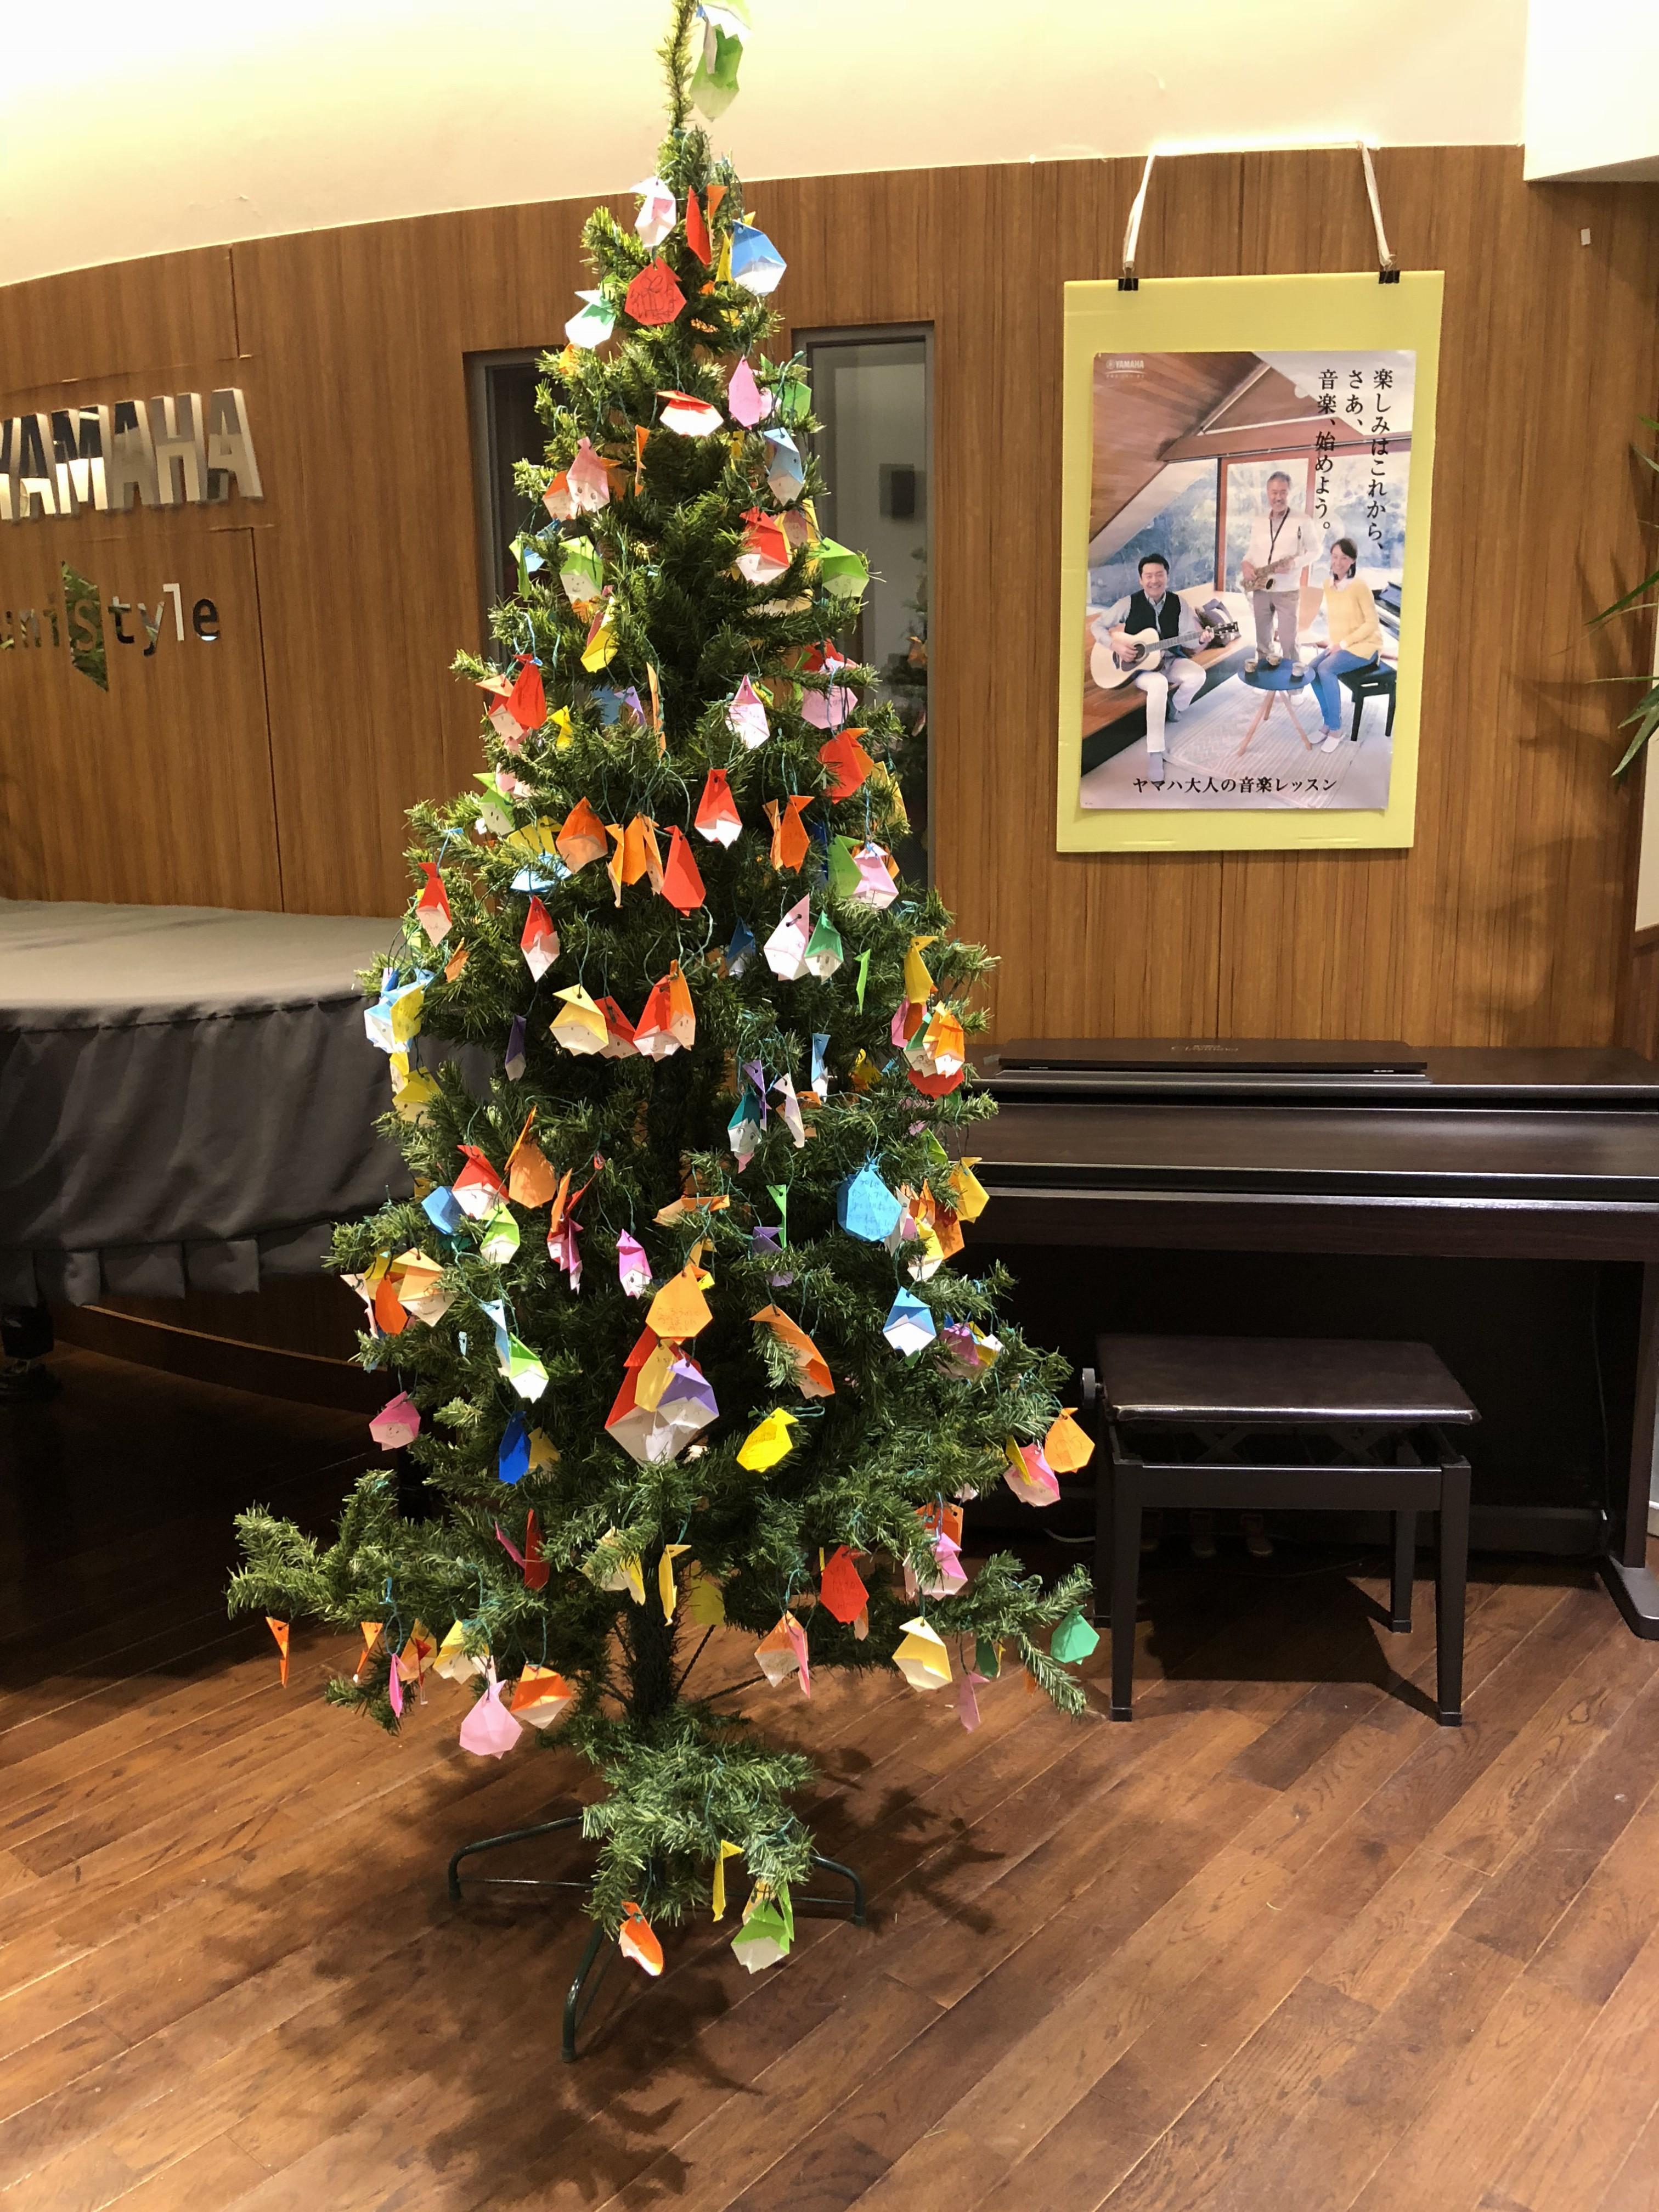 画像②クリスマスツリー